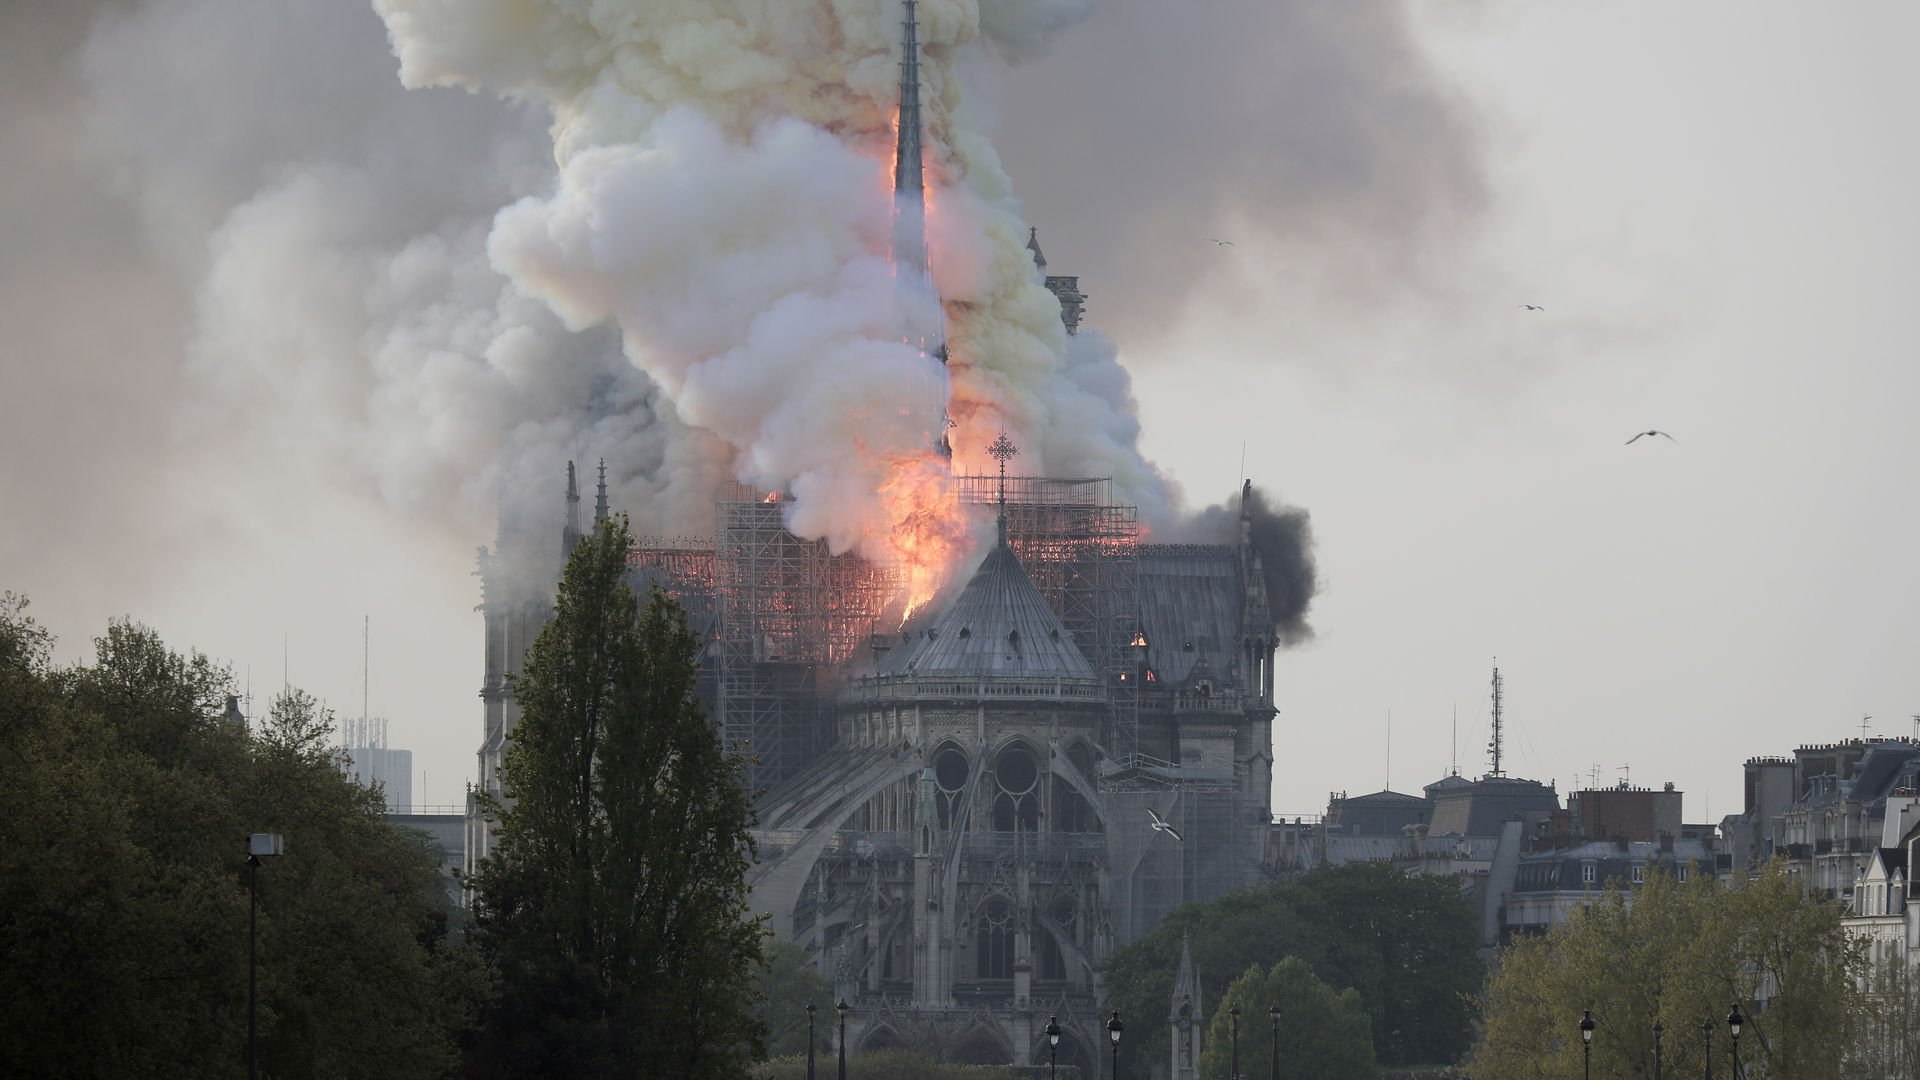 850 yıllık Notre Dame Katedrali 8 saatte kül oldu! Savcılık açıklama yaptı